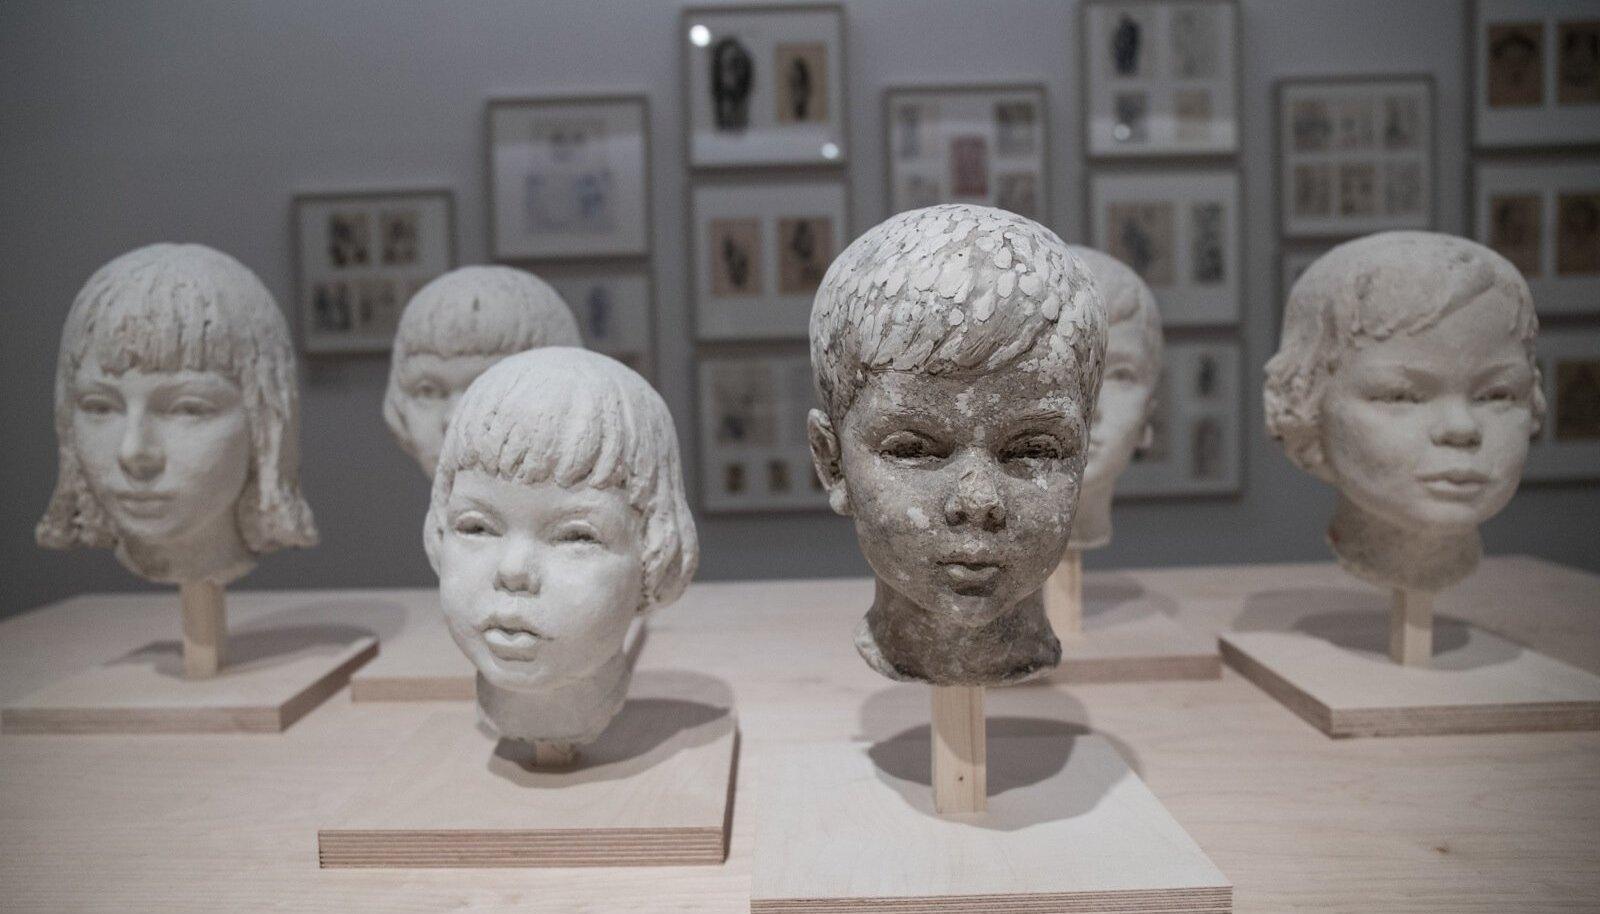 FOTOD | Kumus avati sõjajärgses Pariisis ilma teinud eesti kunstniku näitus